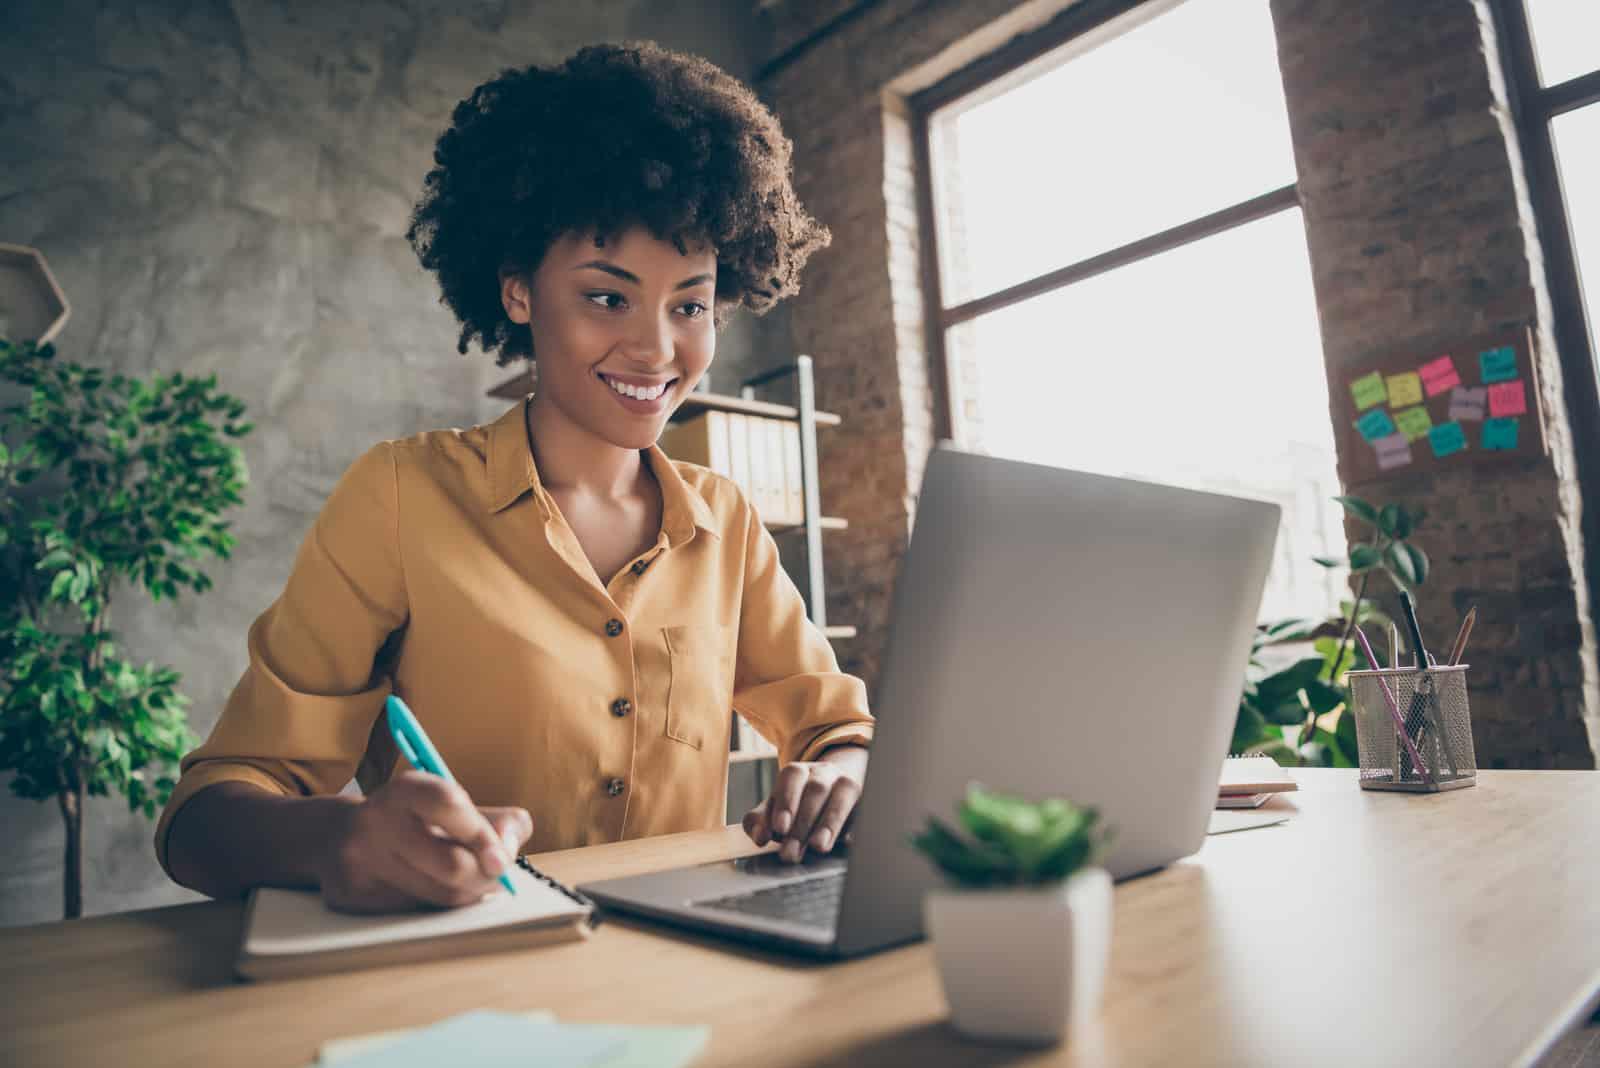 eine lächelnde Frau, die im Büro arbeitet